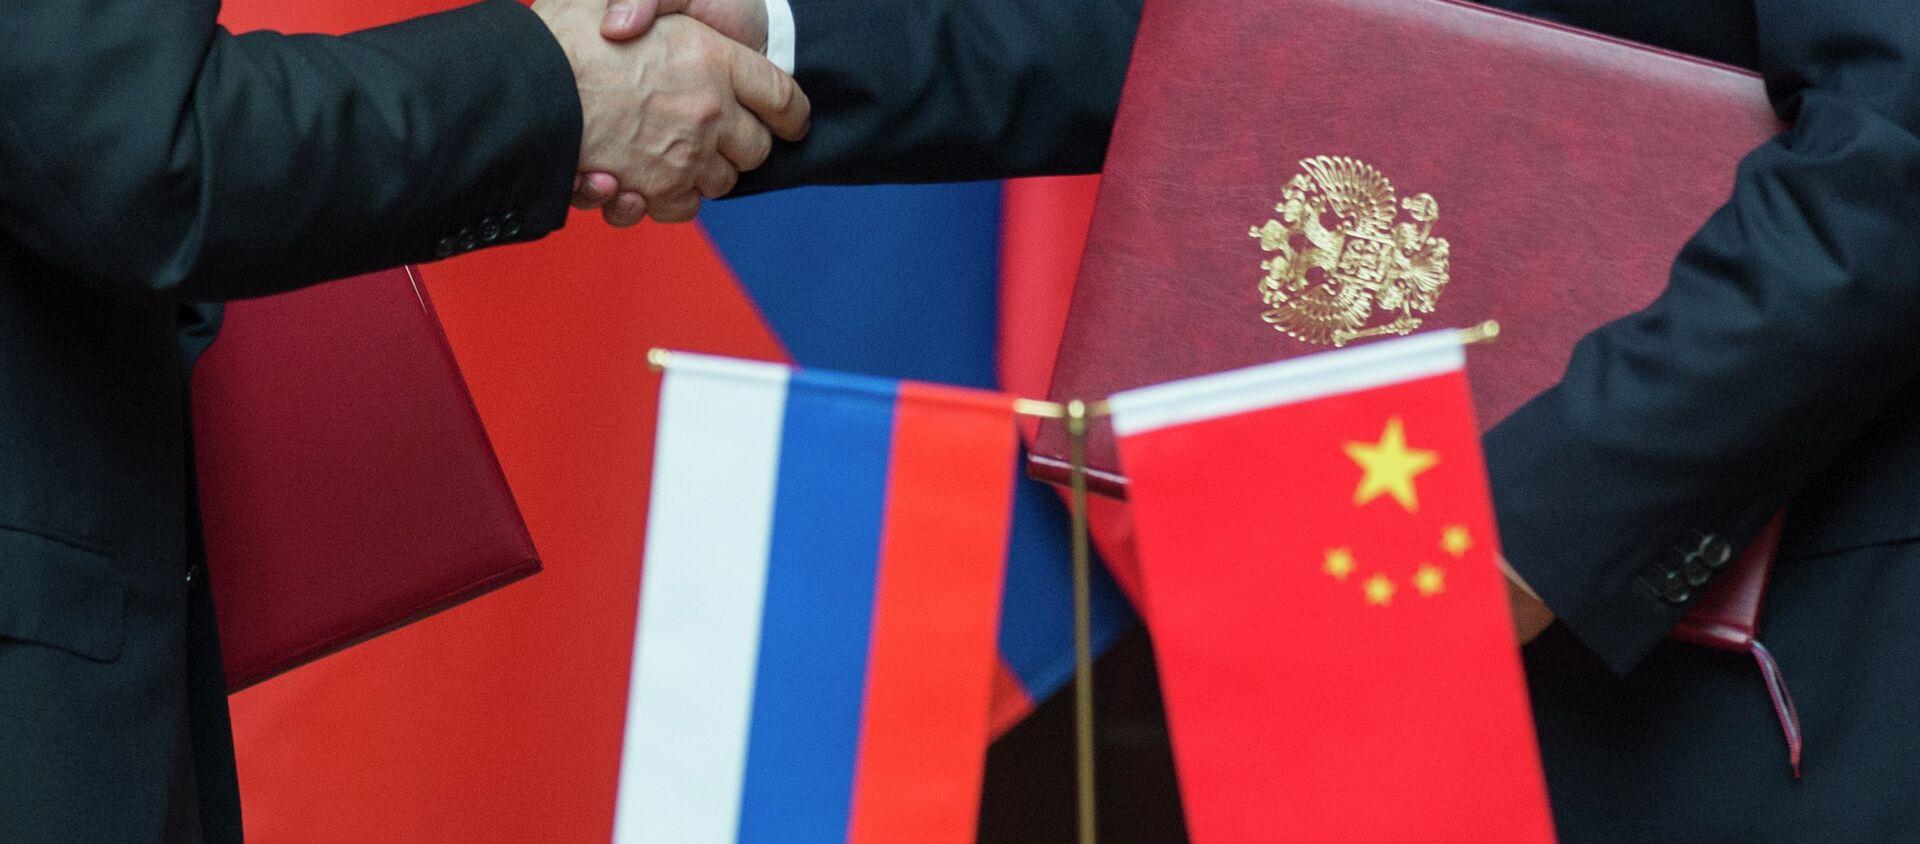 Vladimir Putin trong chuyến thăm chính thức Cộng hòa Nhân dân Trung Hoa - Sputnik Việt Nam, 1920, 13.08.2021